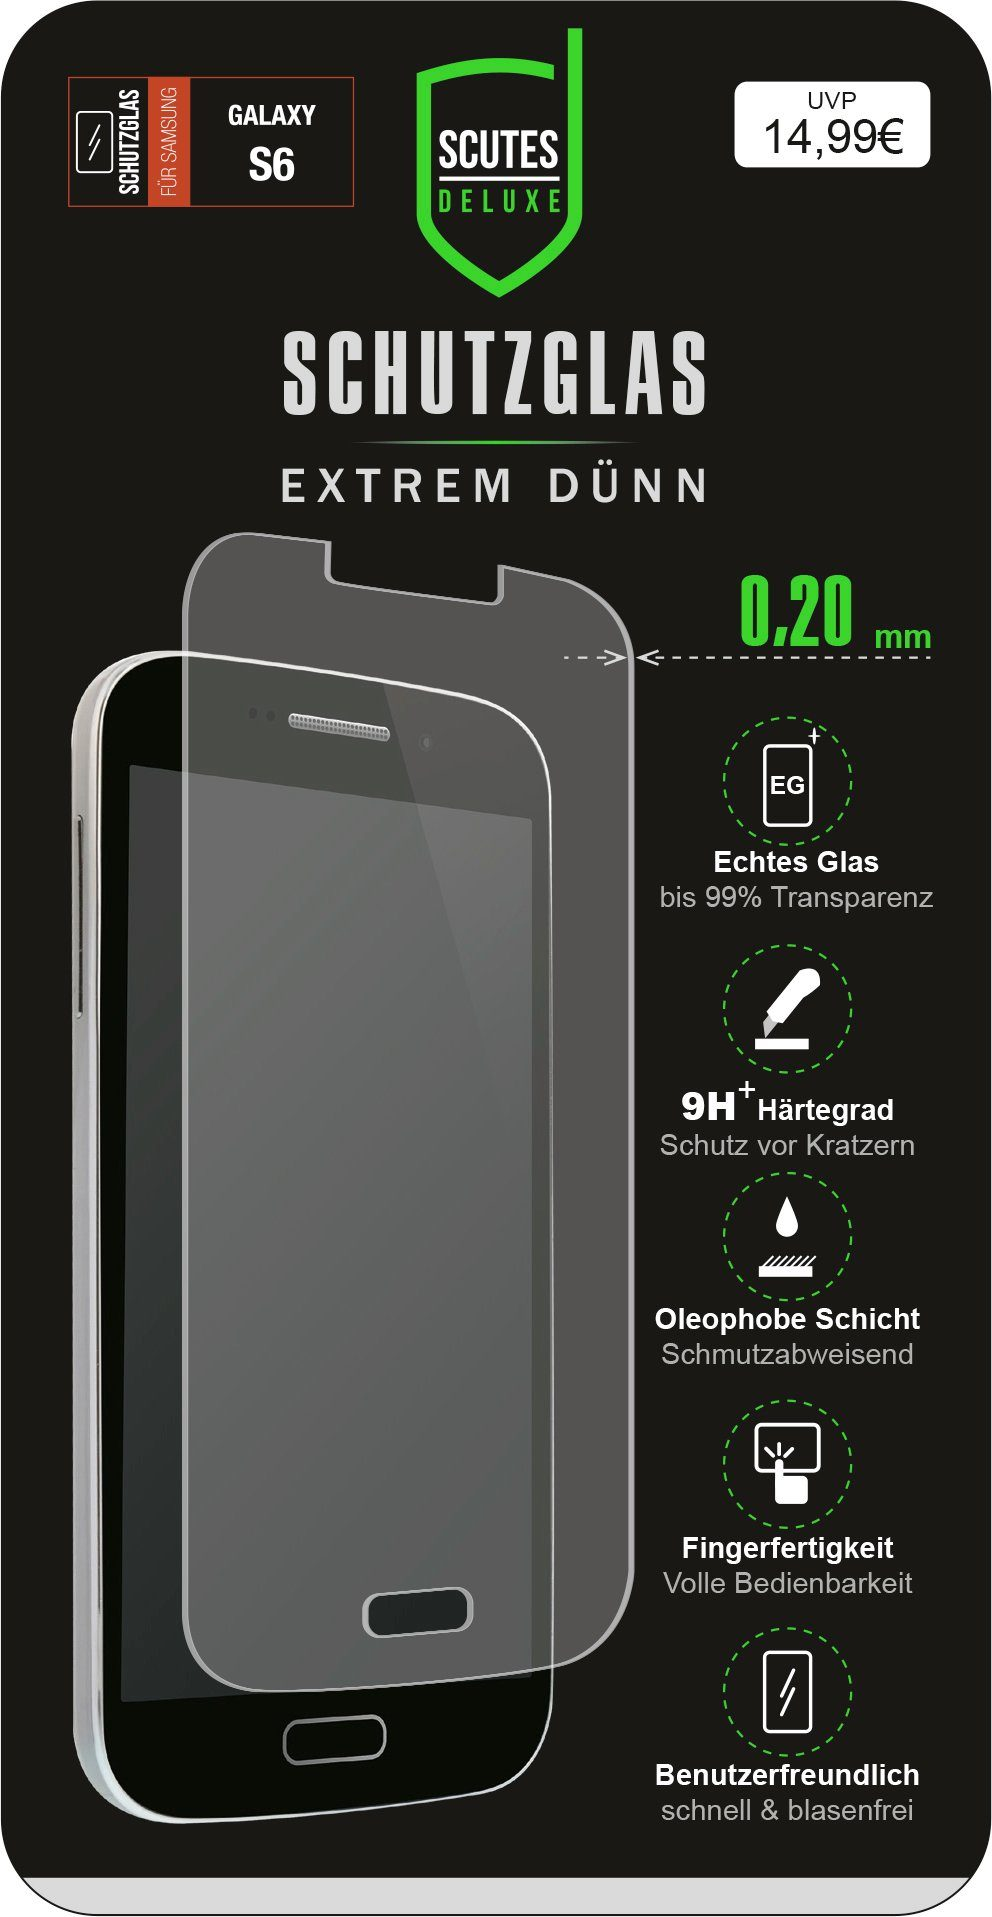 Scutes Deluxe GSM - Zubehör »Schutzglas - Samsung Galaxy S6«